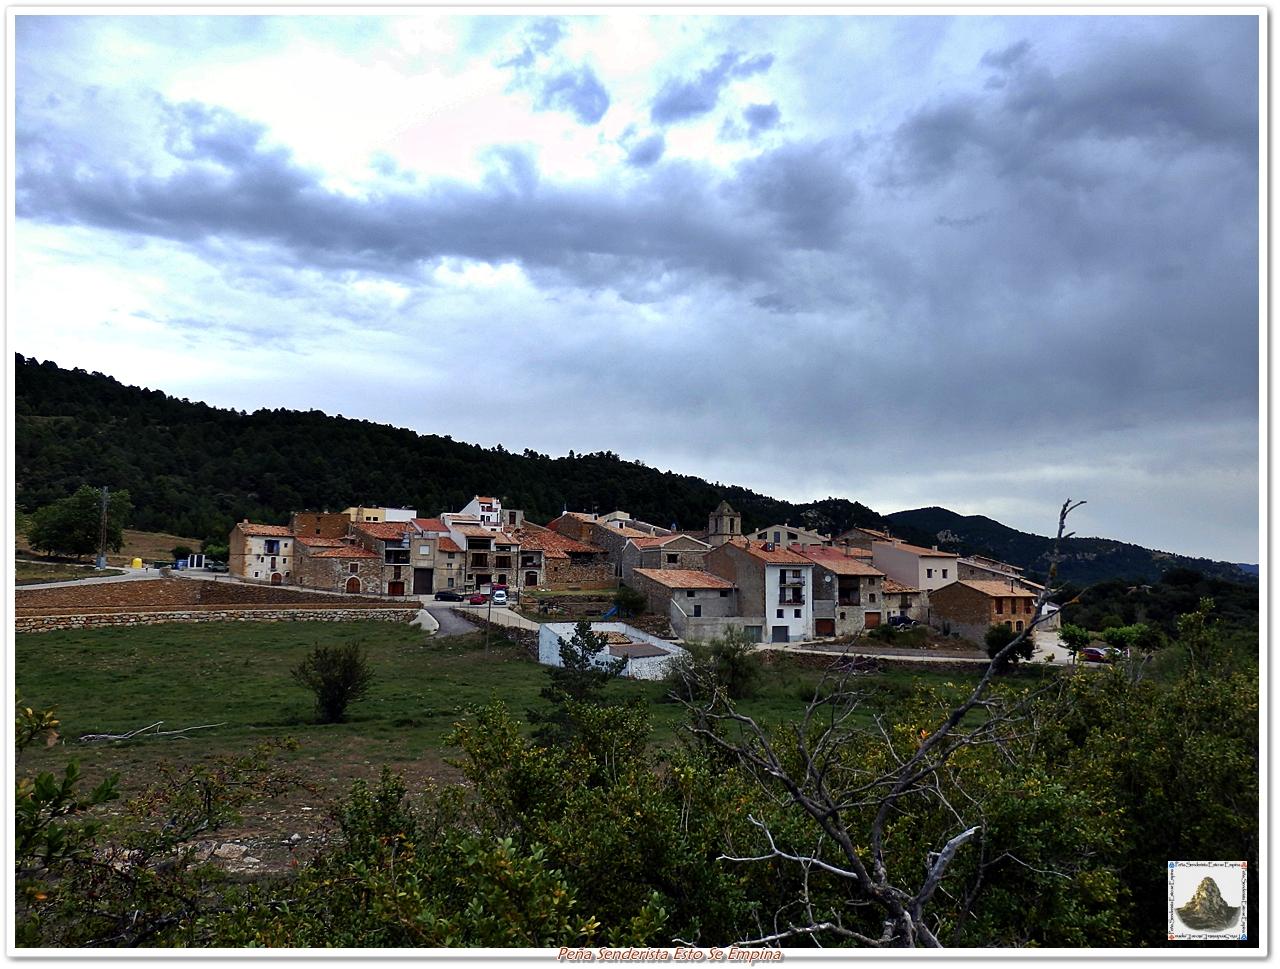 Pe a senderista esto se empina fredes el boixar 4 etapa de la ruta dels 7 pobles cims - Casa rural fredes ...